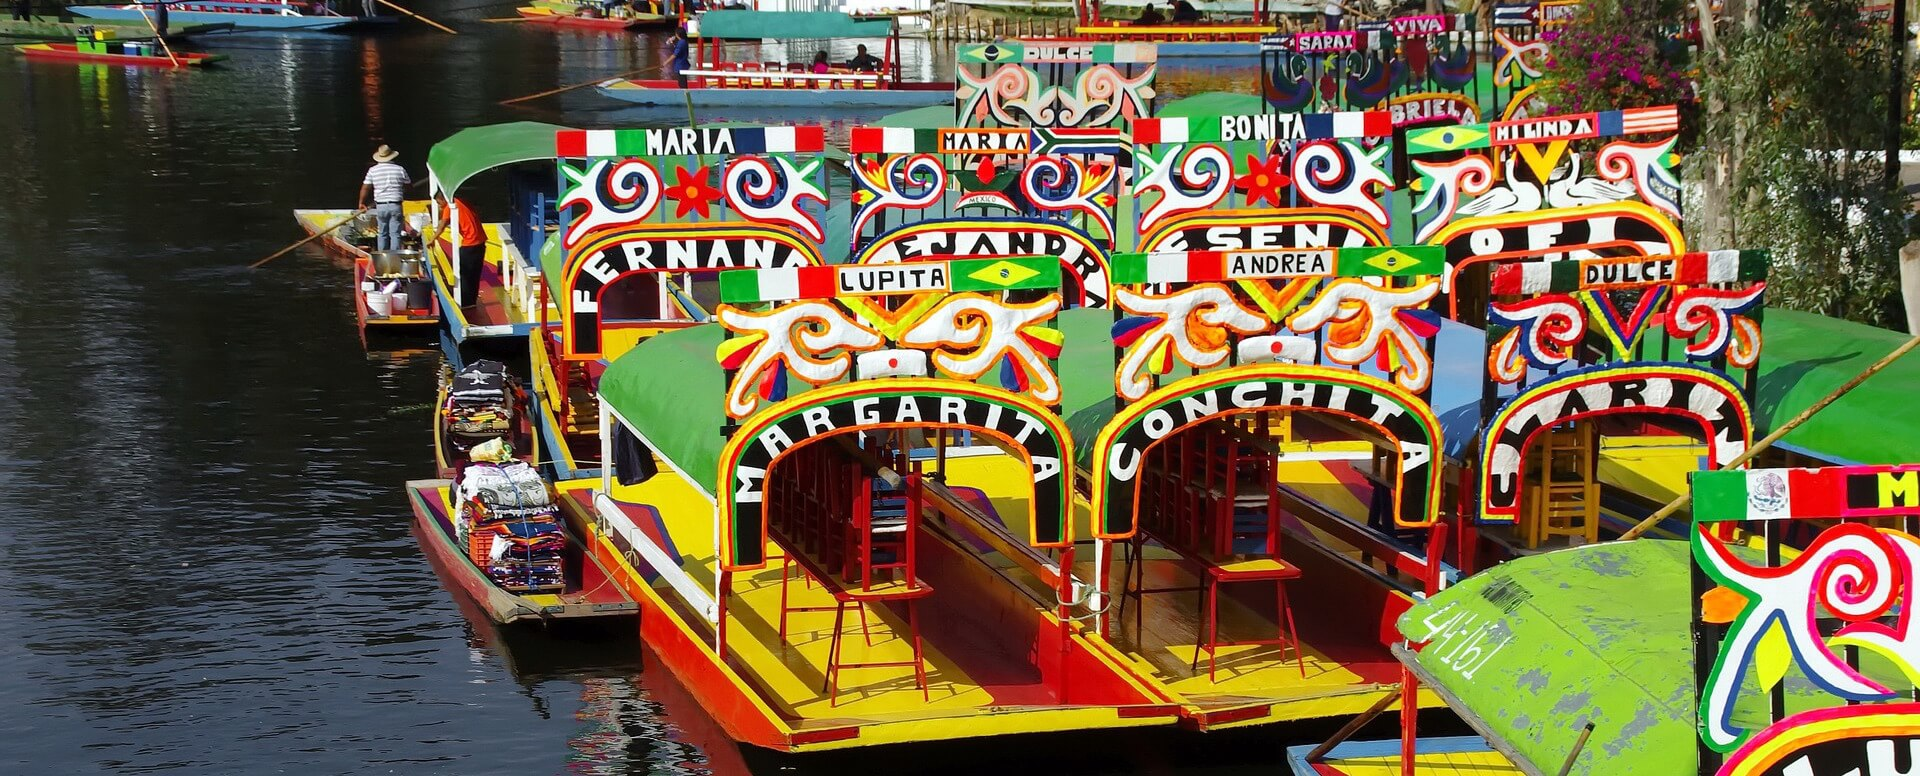 Réaliser une balade en bateau à Xochimilco, Mexico - Mexique